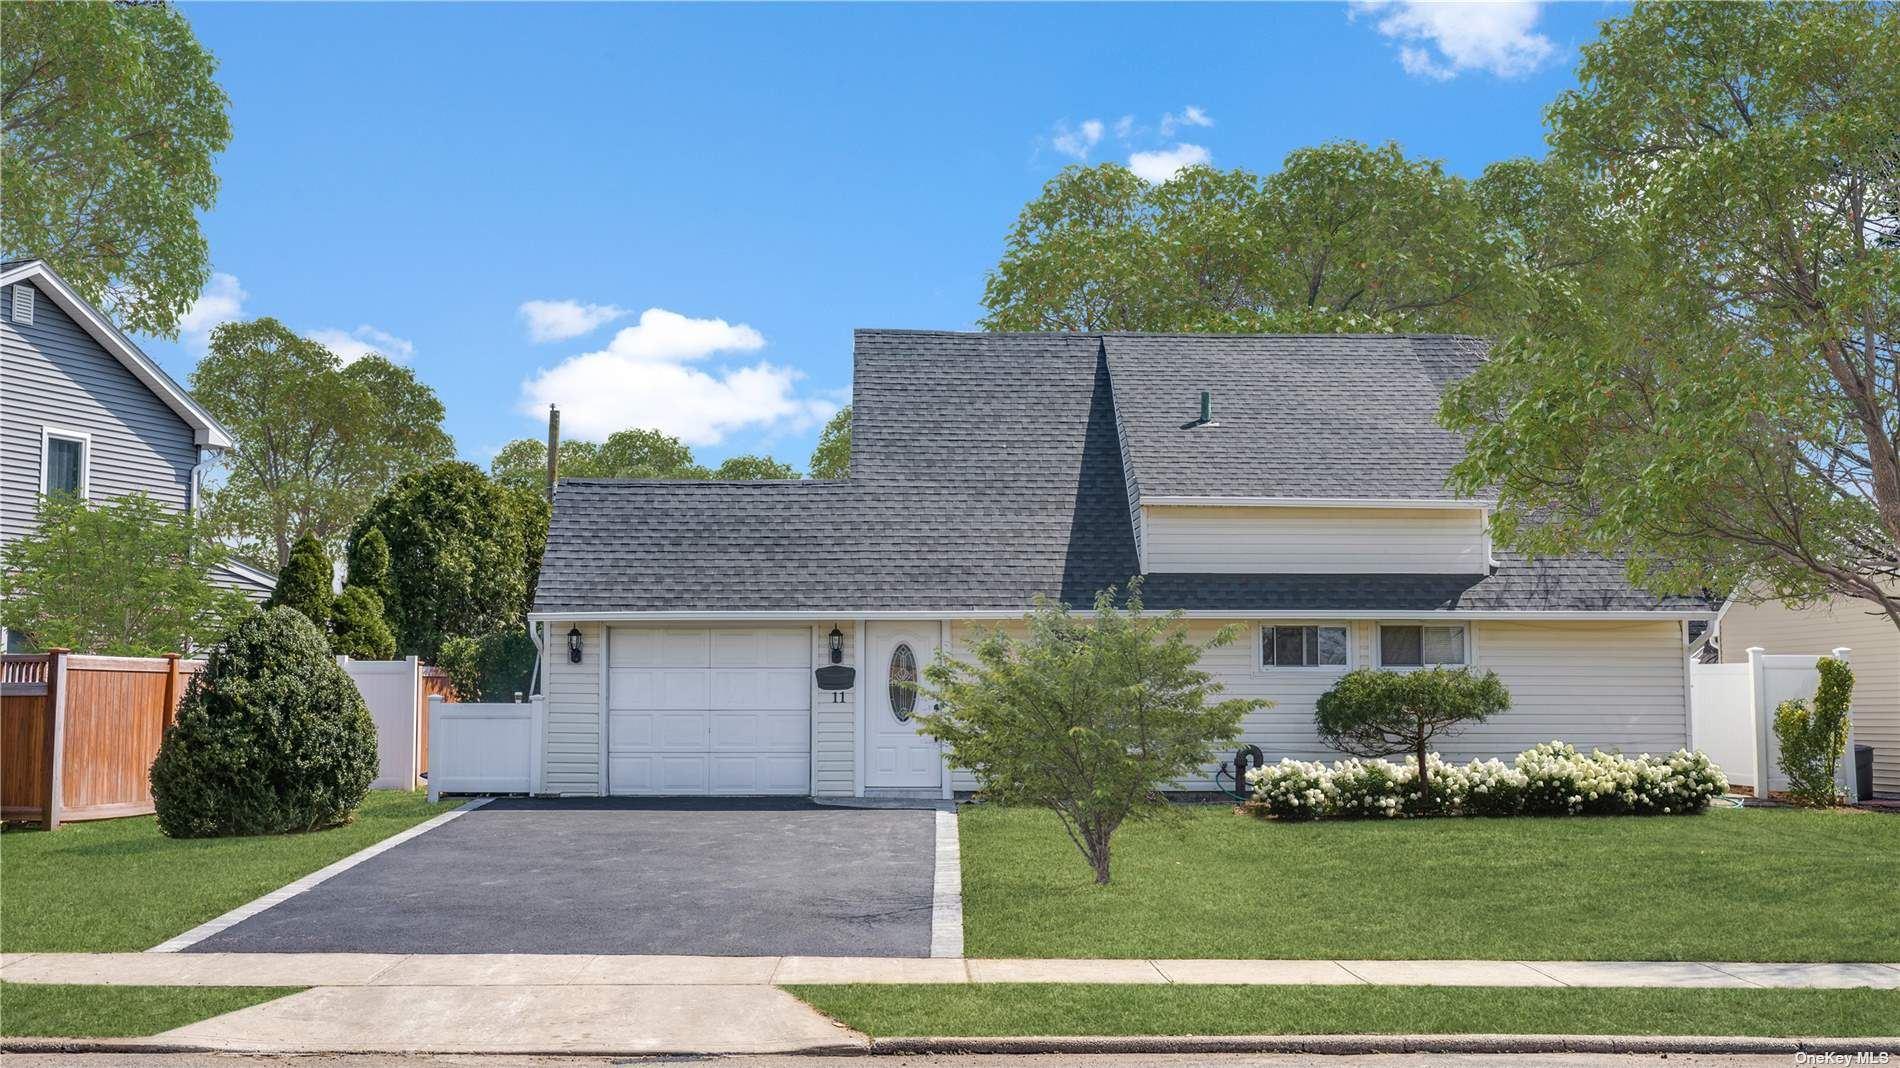 11 Polo Lane, Westbury, NY 11590 - MLS#: 3300567